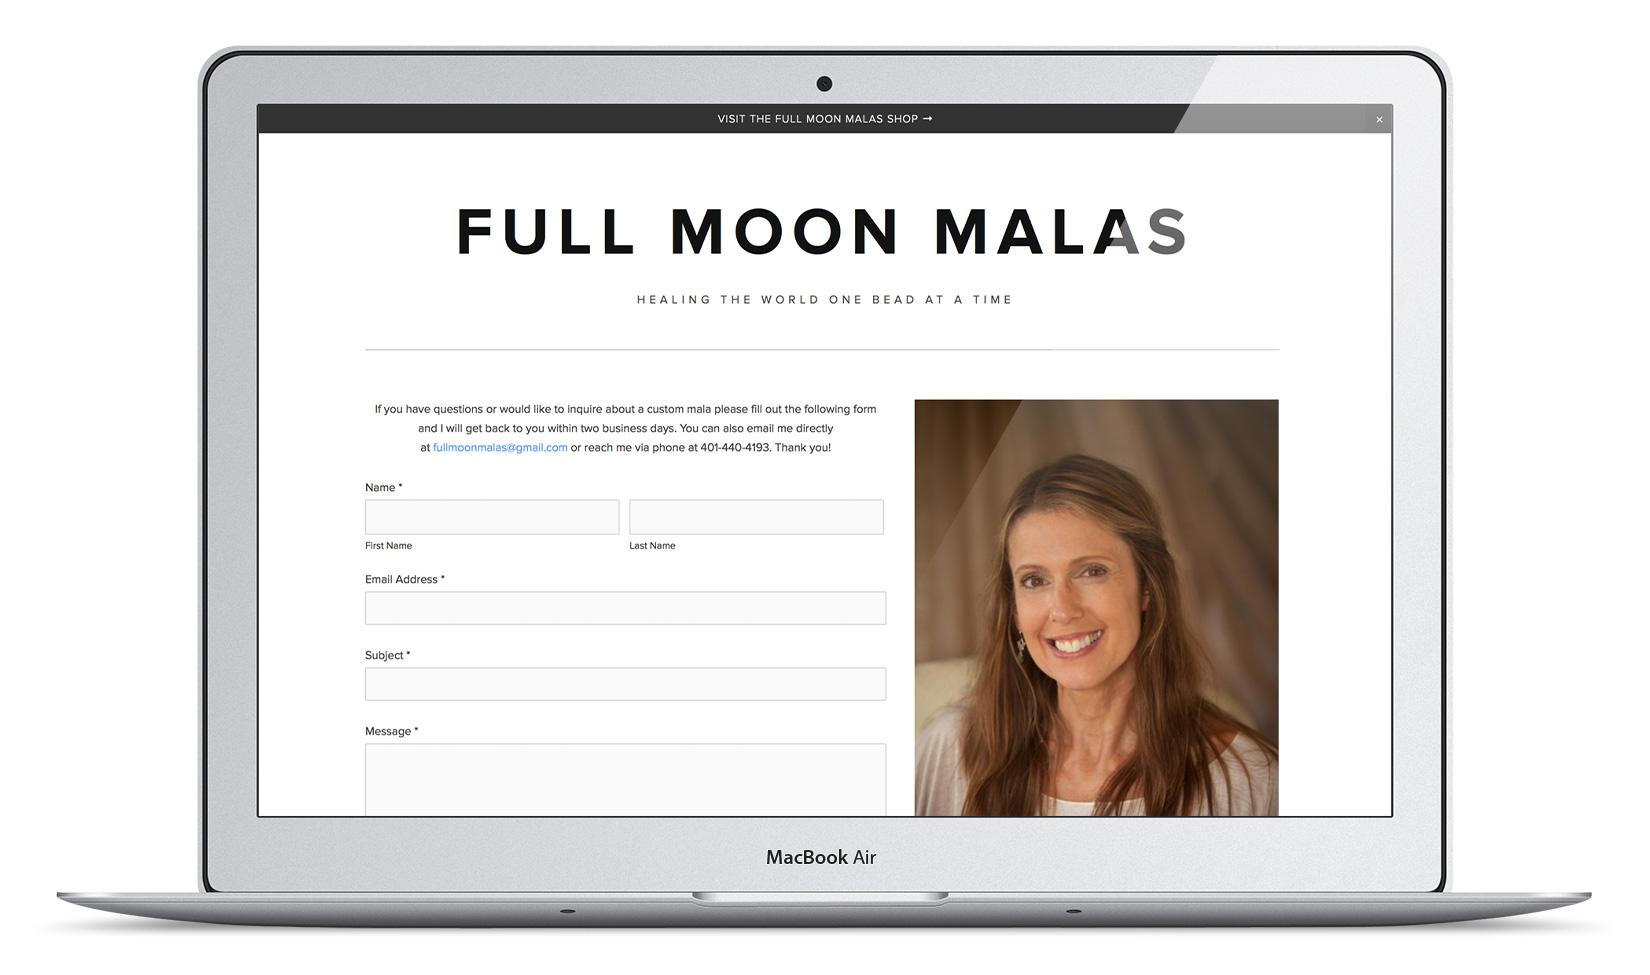 full-moon-malas-3.jpg